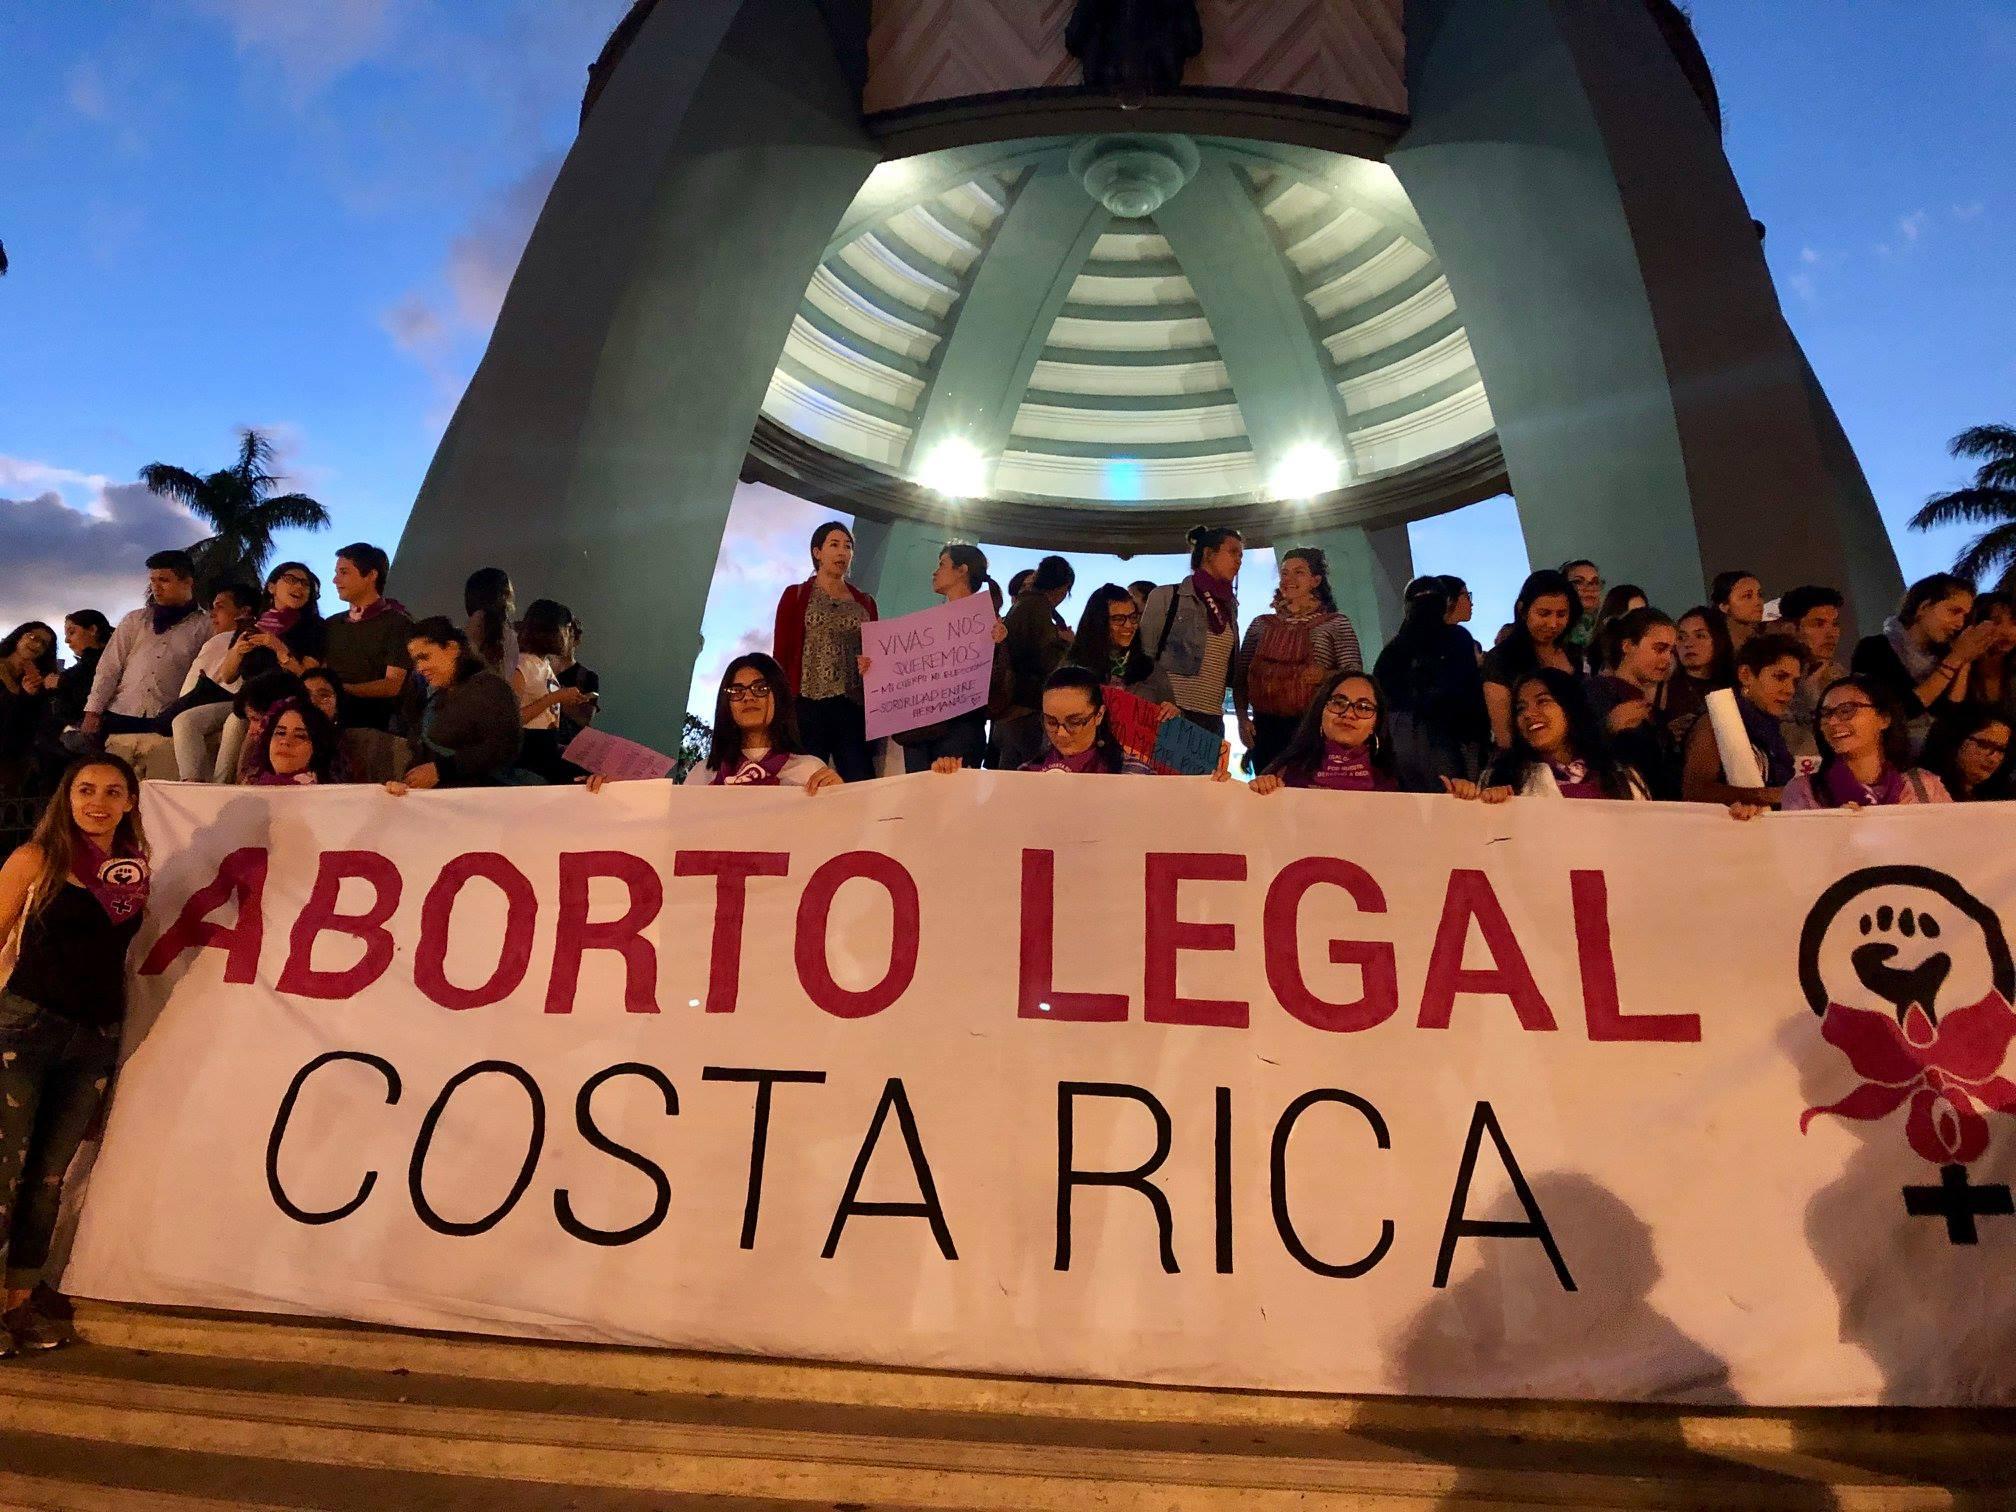 aborto-legal-costa rica